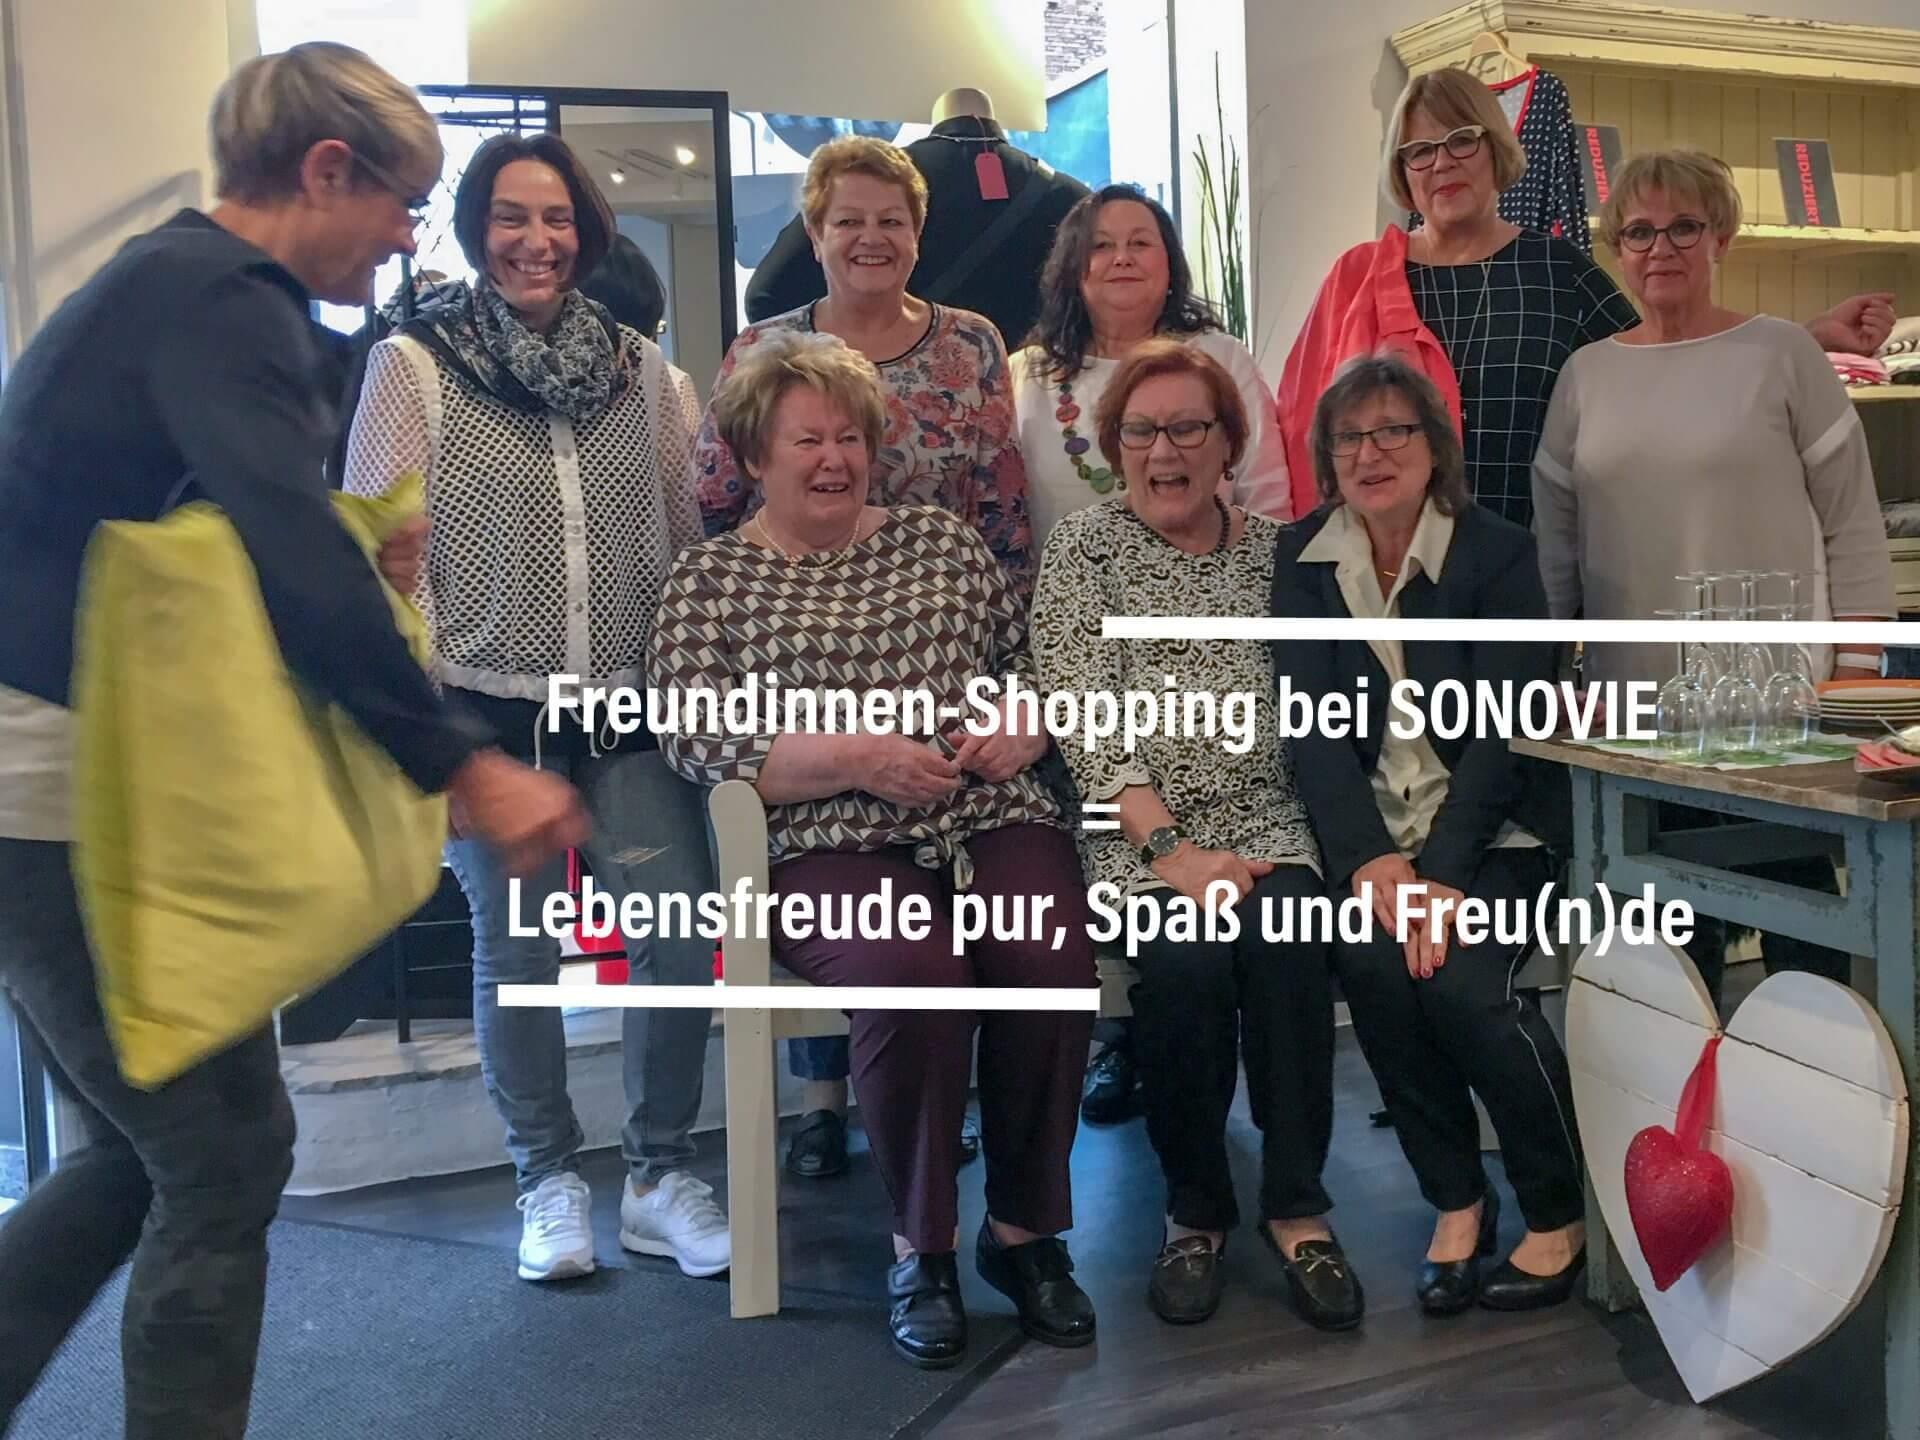 Freundinnen-Shopping